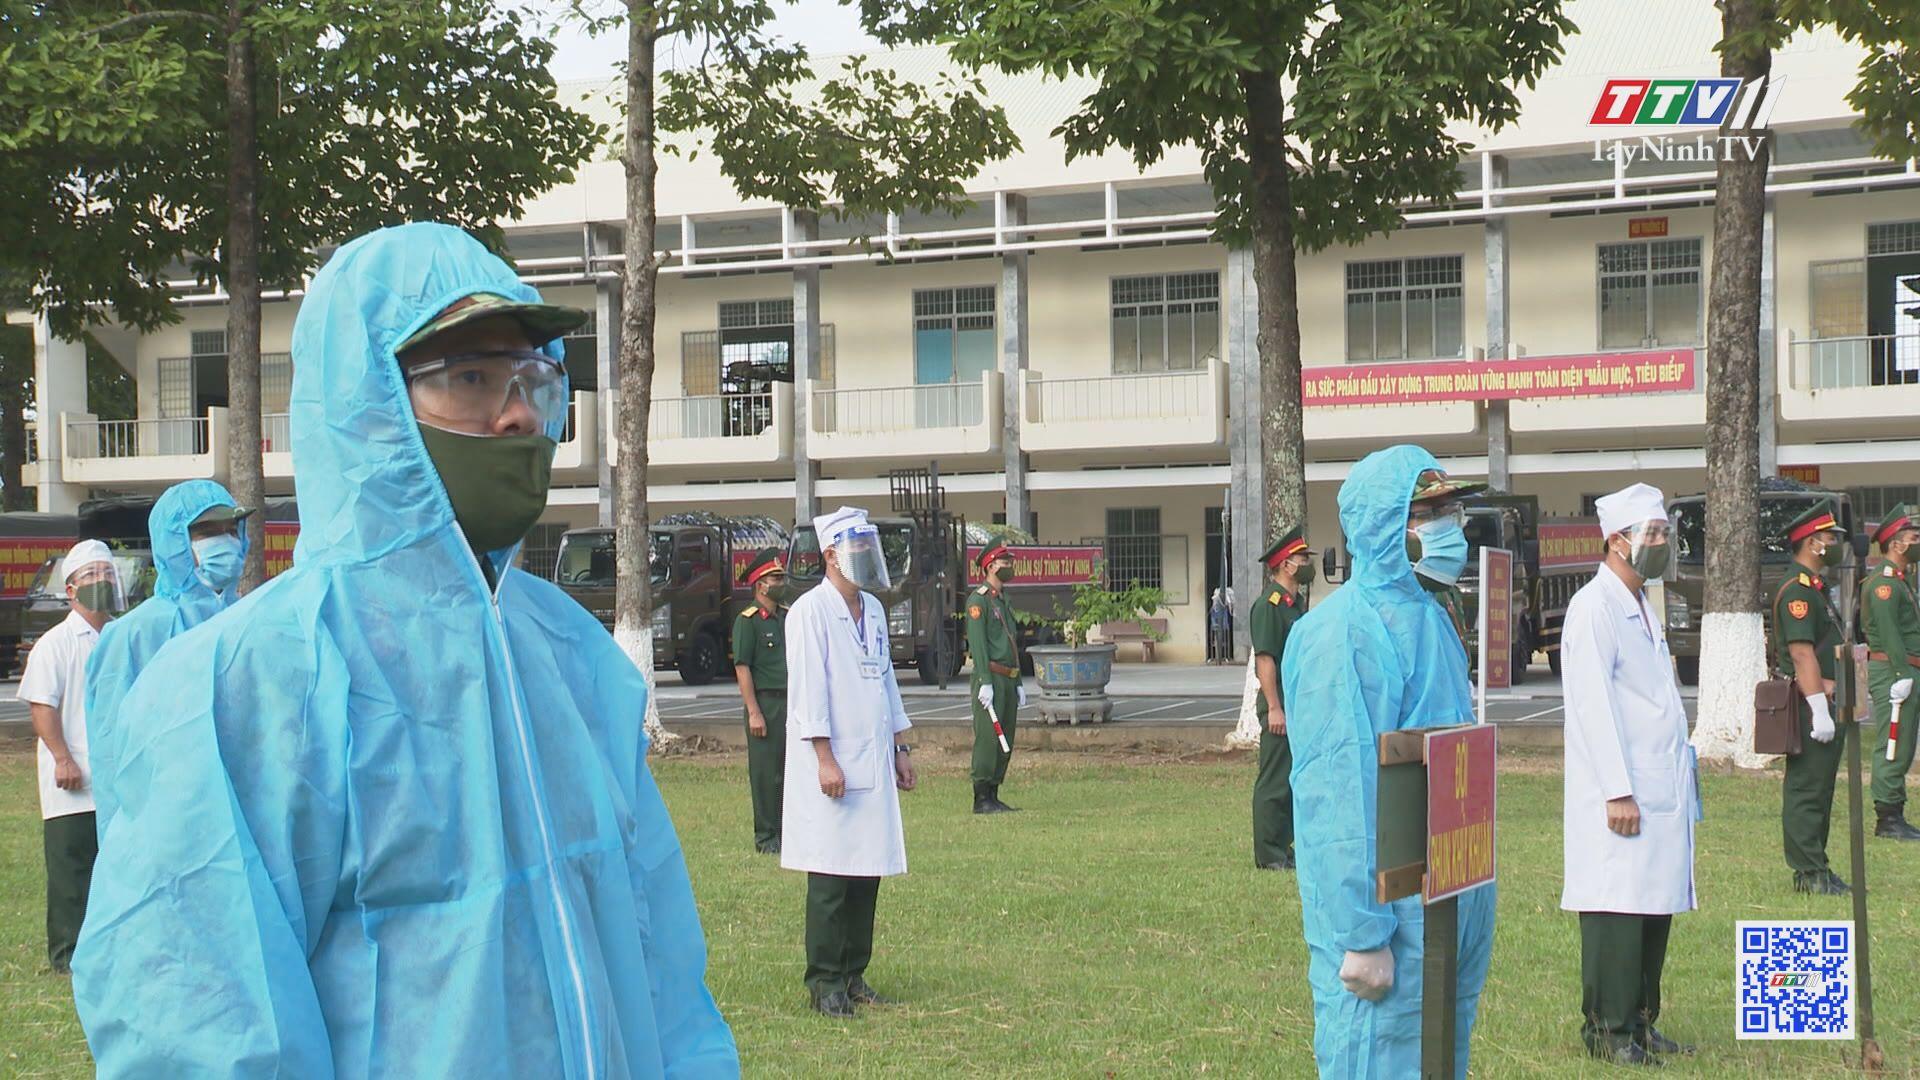 Lực lượng vũ trang tỉnh Tây Ninh chung tay cùng địa phương chống dịch Covid-19   PHÁP LUẬT DÂN QUÂN TỰ VỆ   TayNinhTV